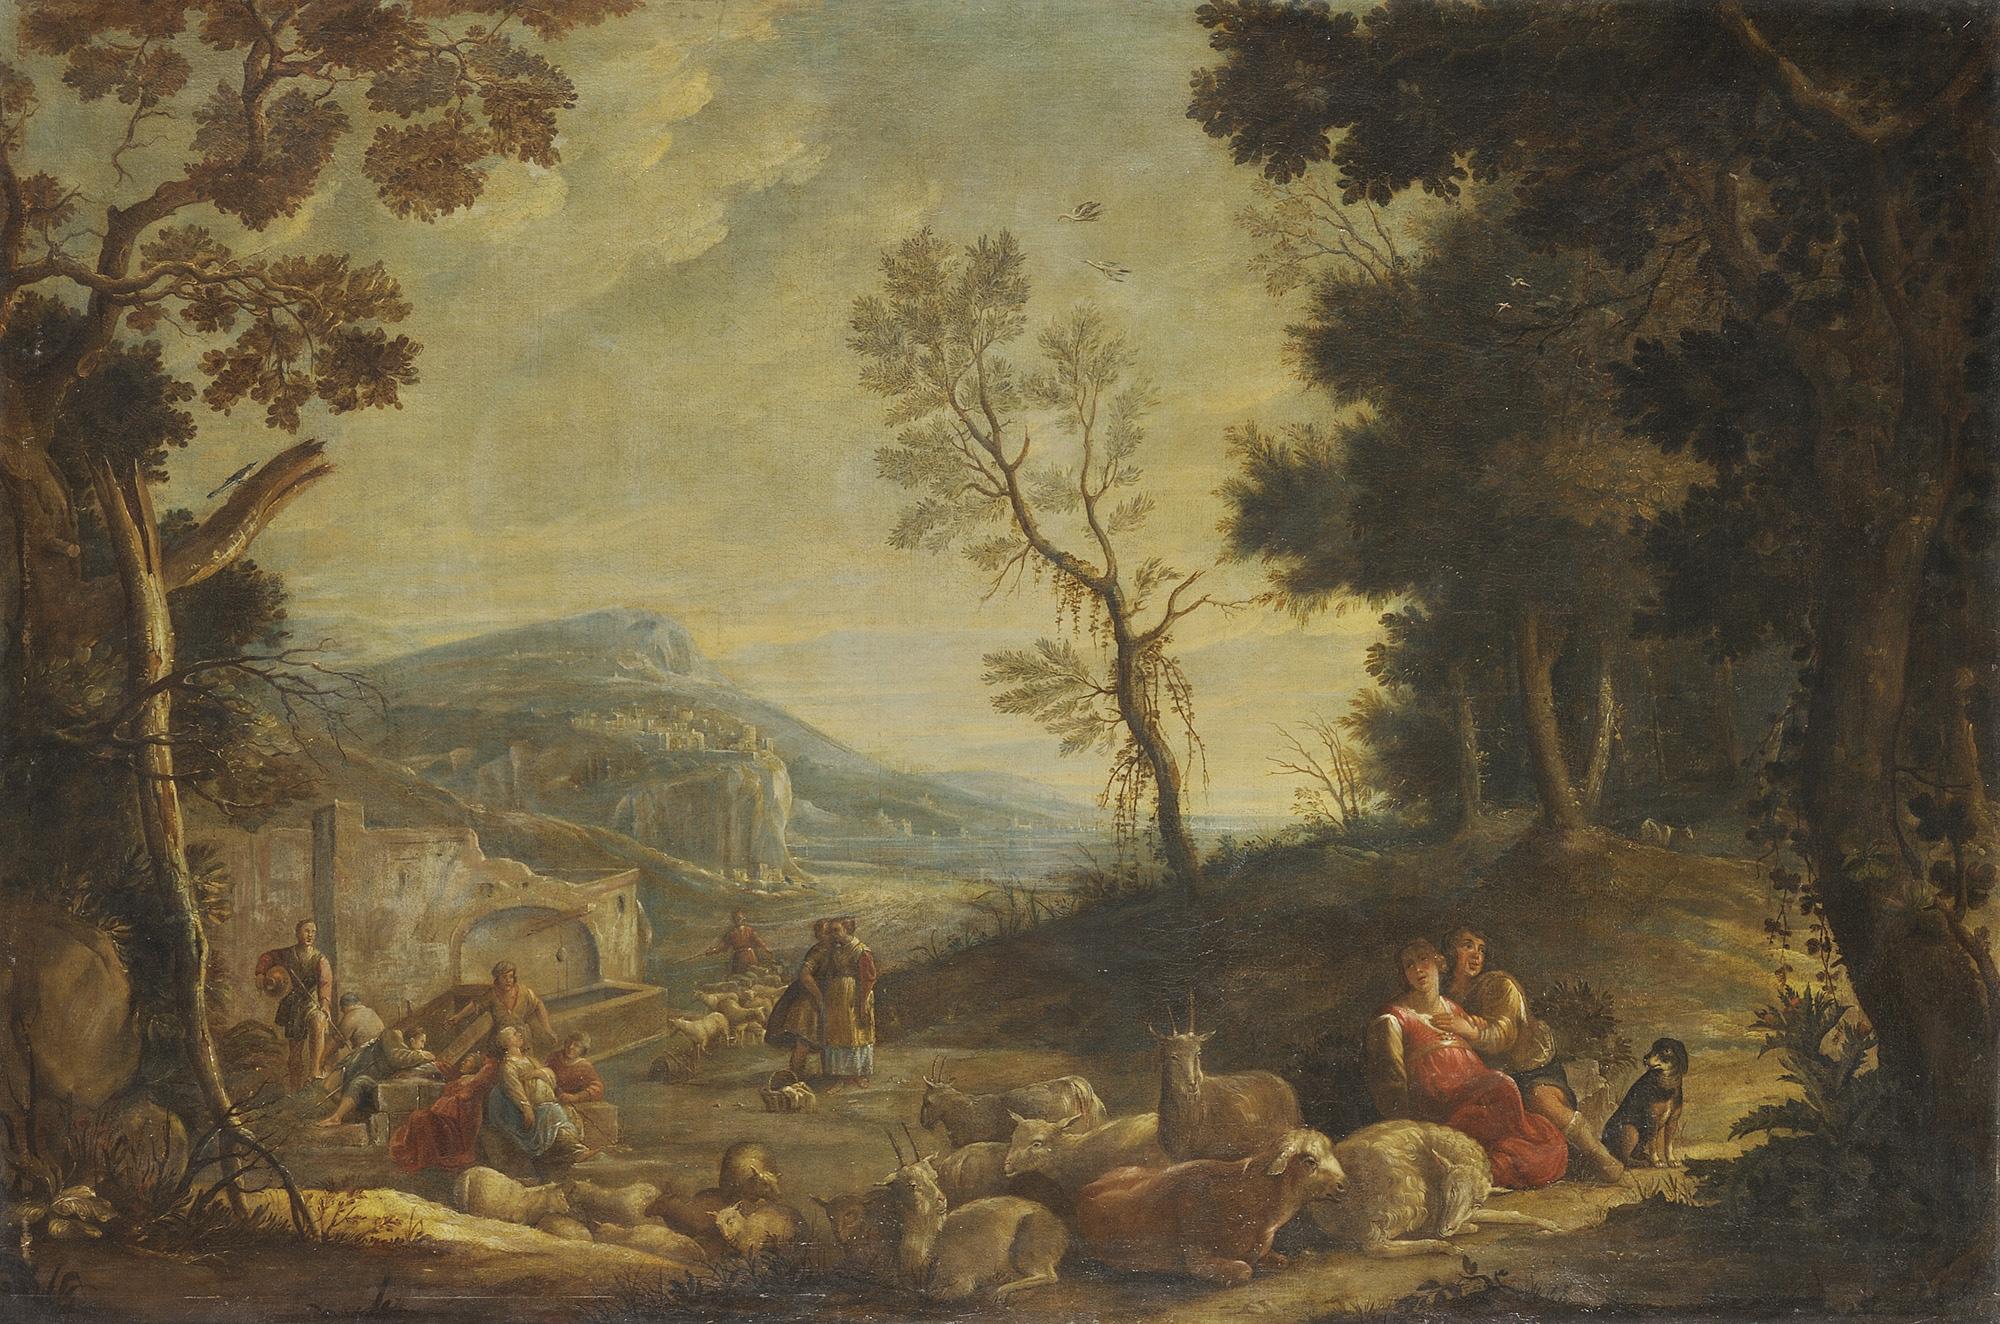 Paesaggio con pastori e armenti e figure di popolani in sosta presso un fontanile